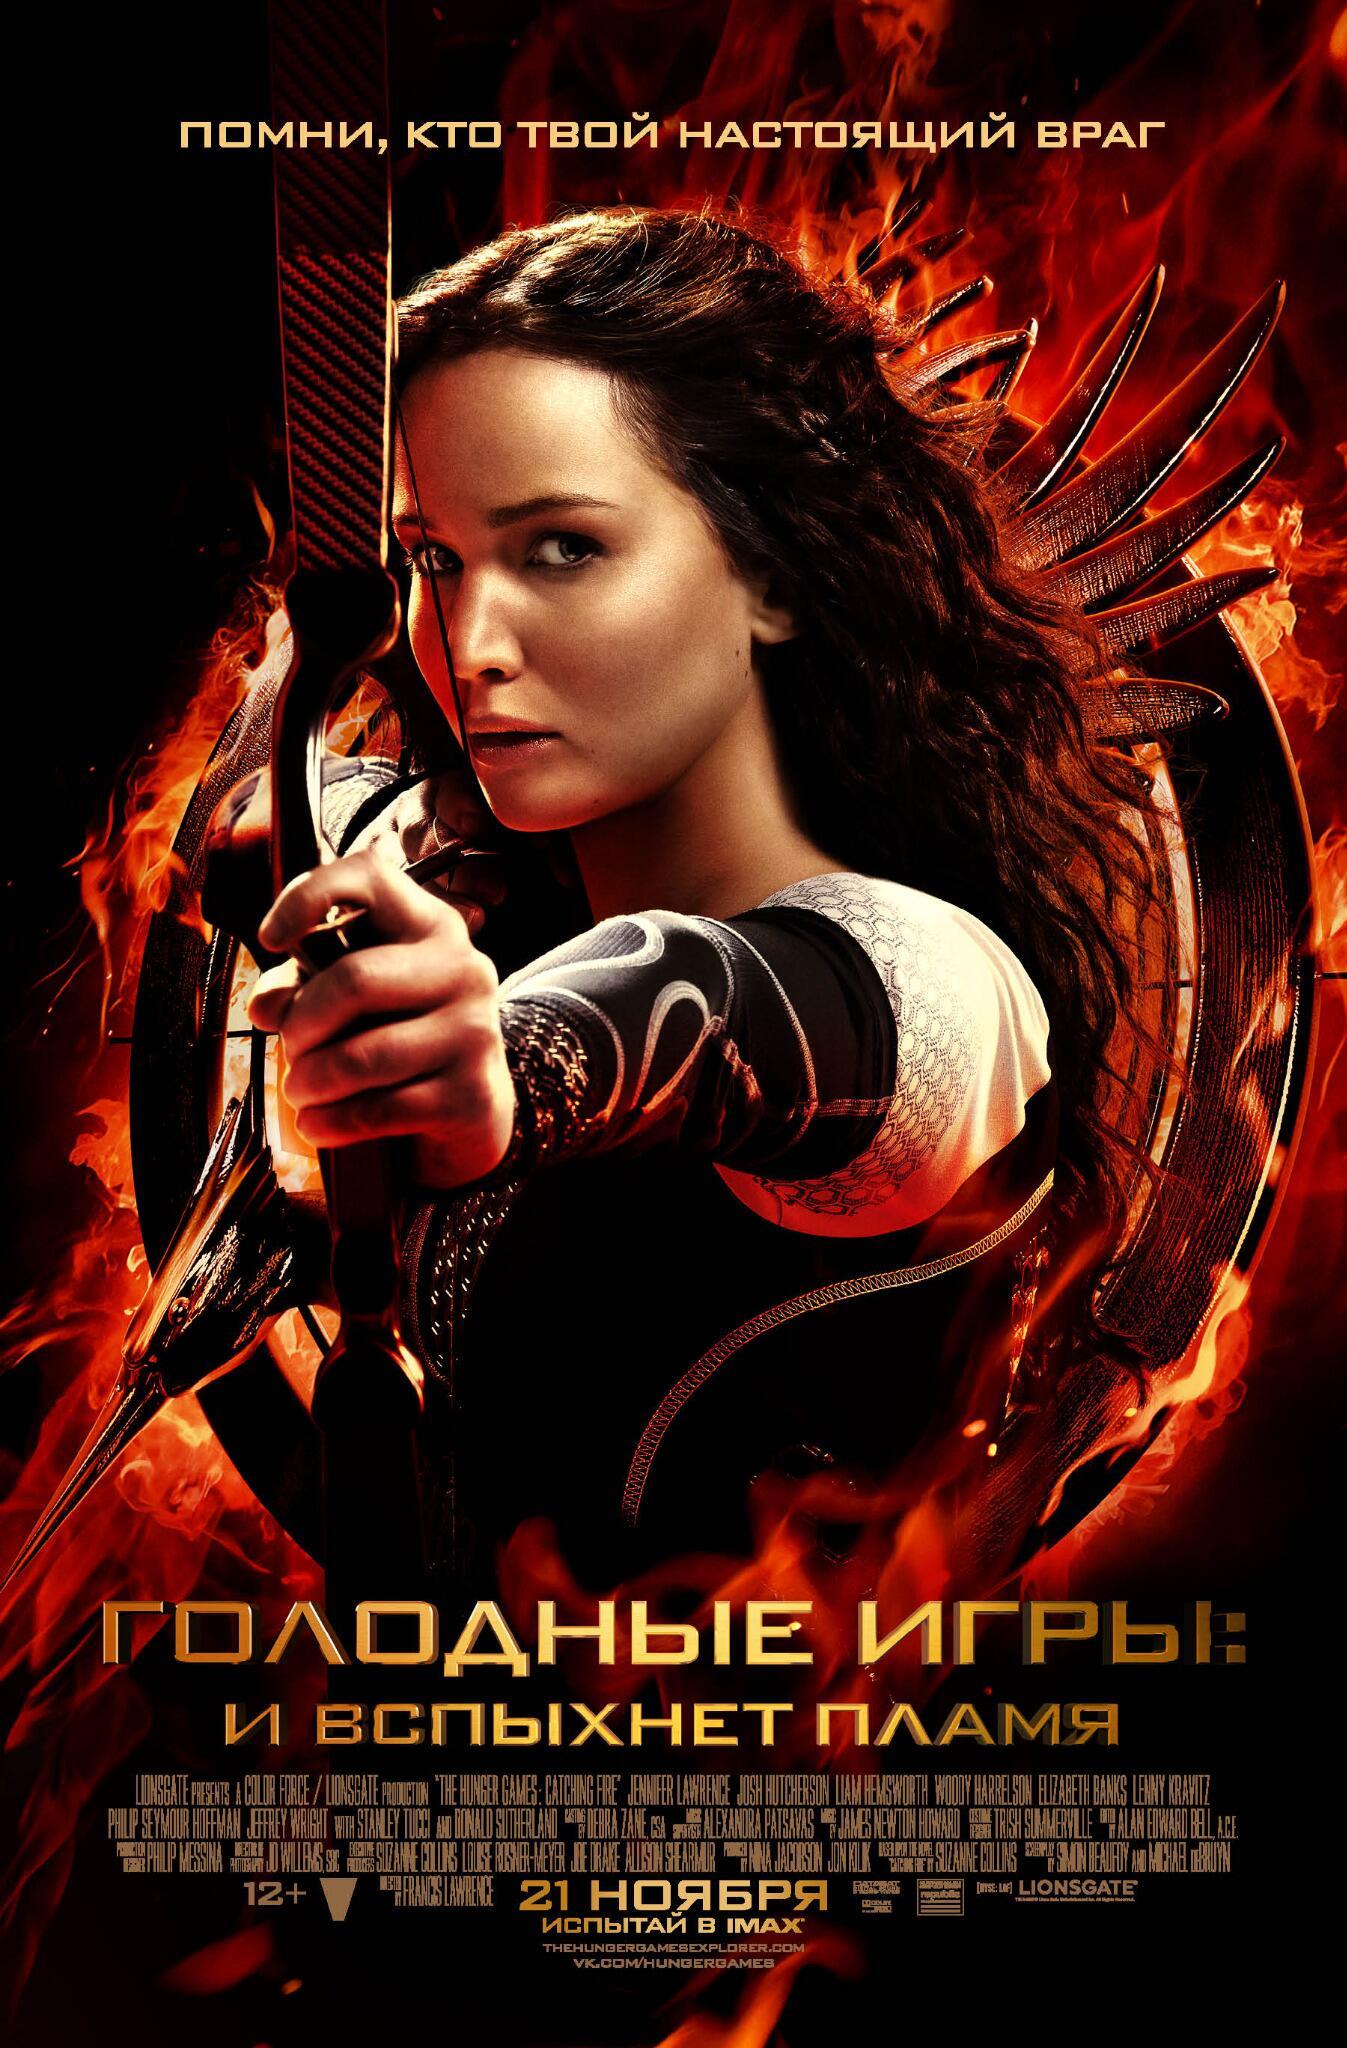 """""""Помни, кто твой настоящий враг"""", — сообщает нам новый российский постер фильма """"Голодные игры: И вспыхнет пламя"""" http://t.co/PPNob5R7Wk"""